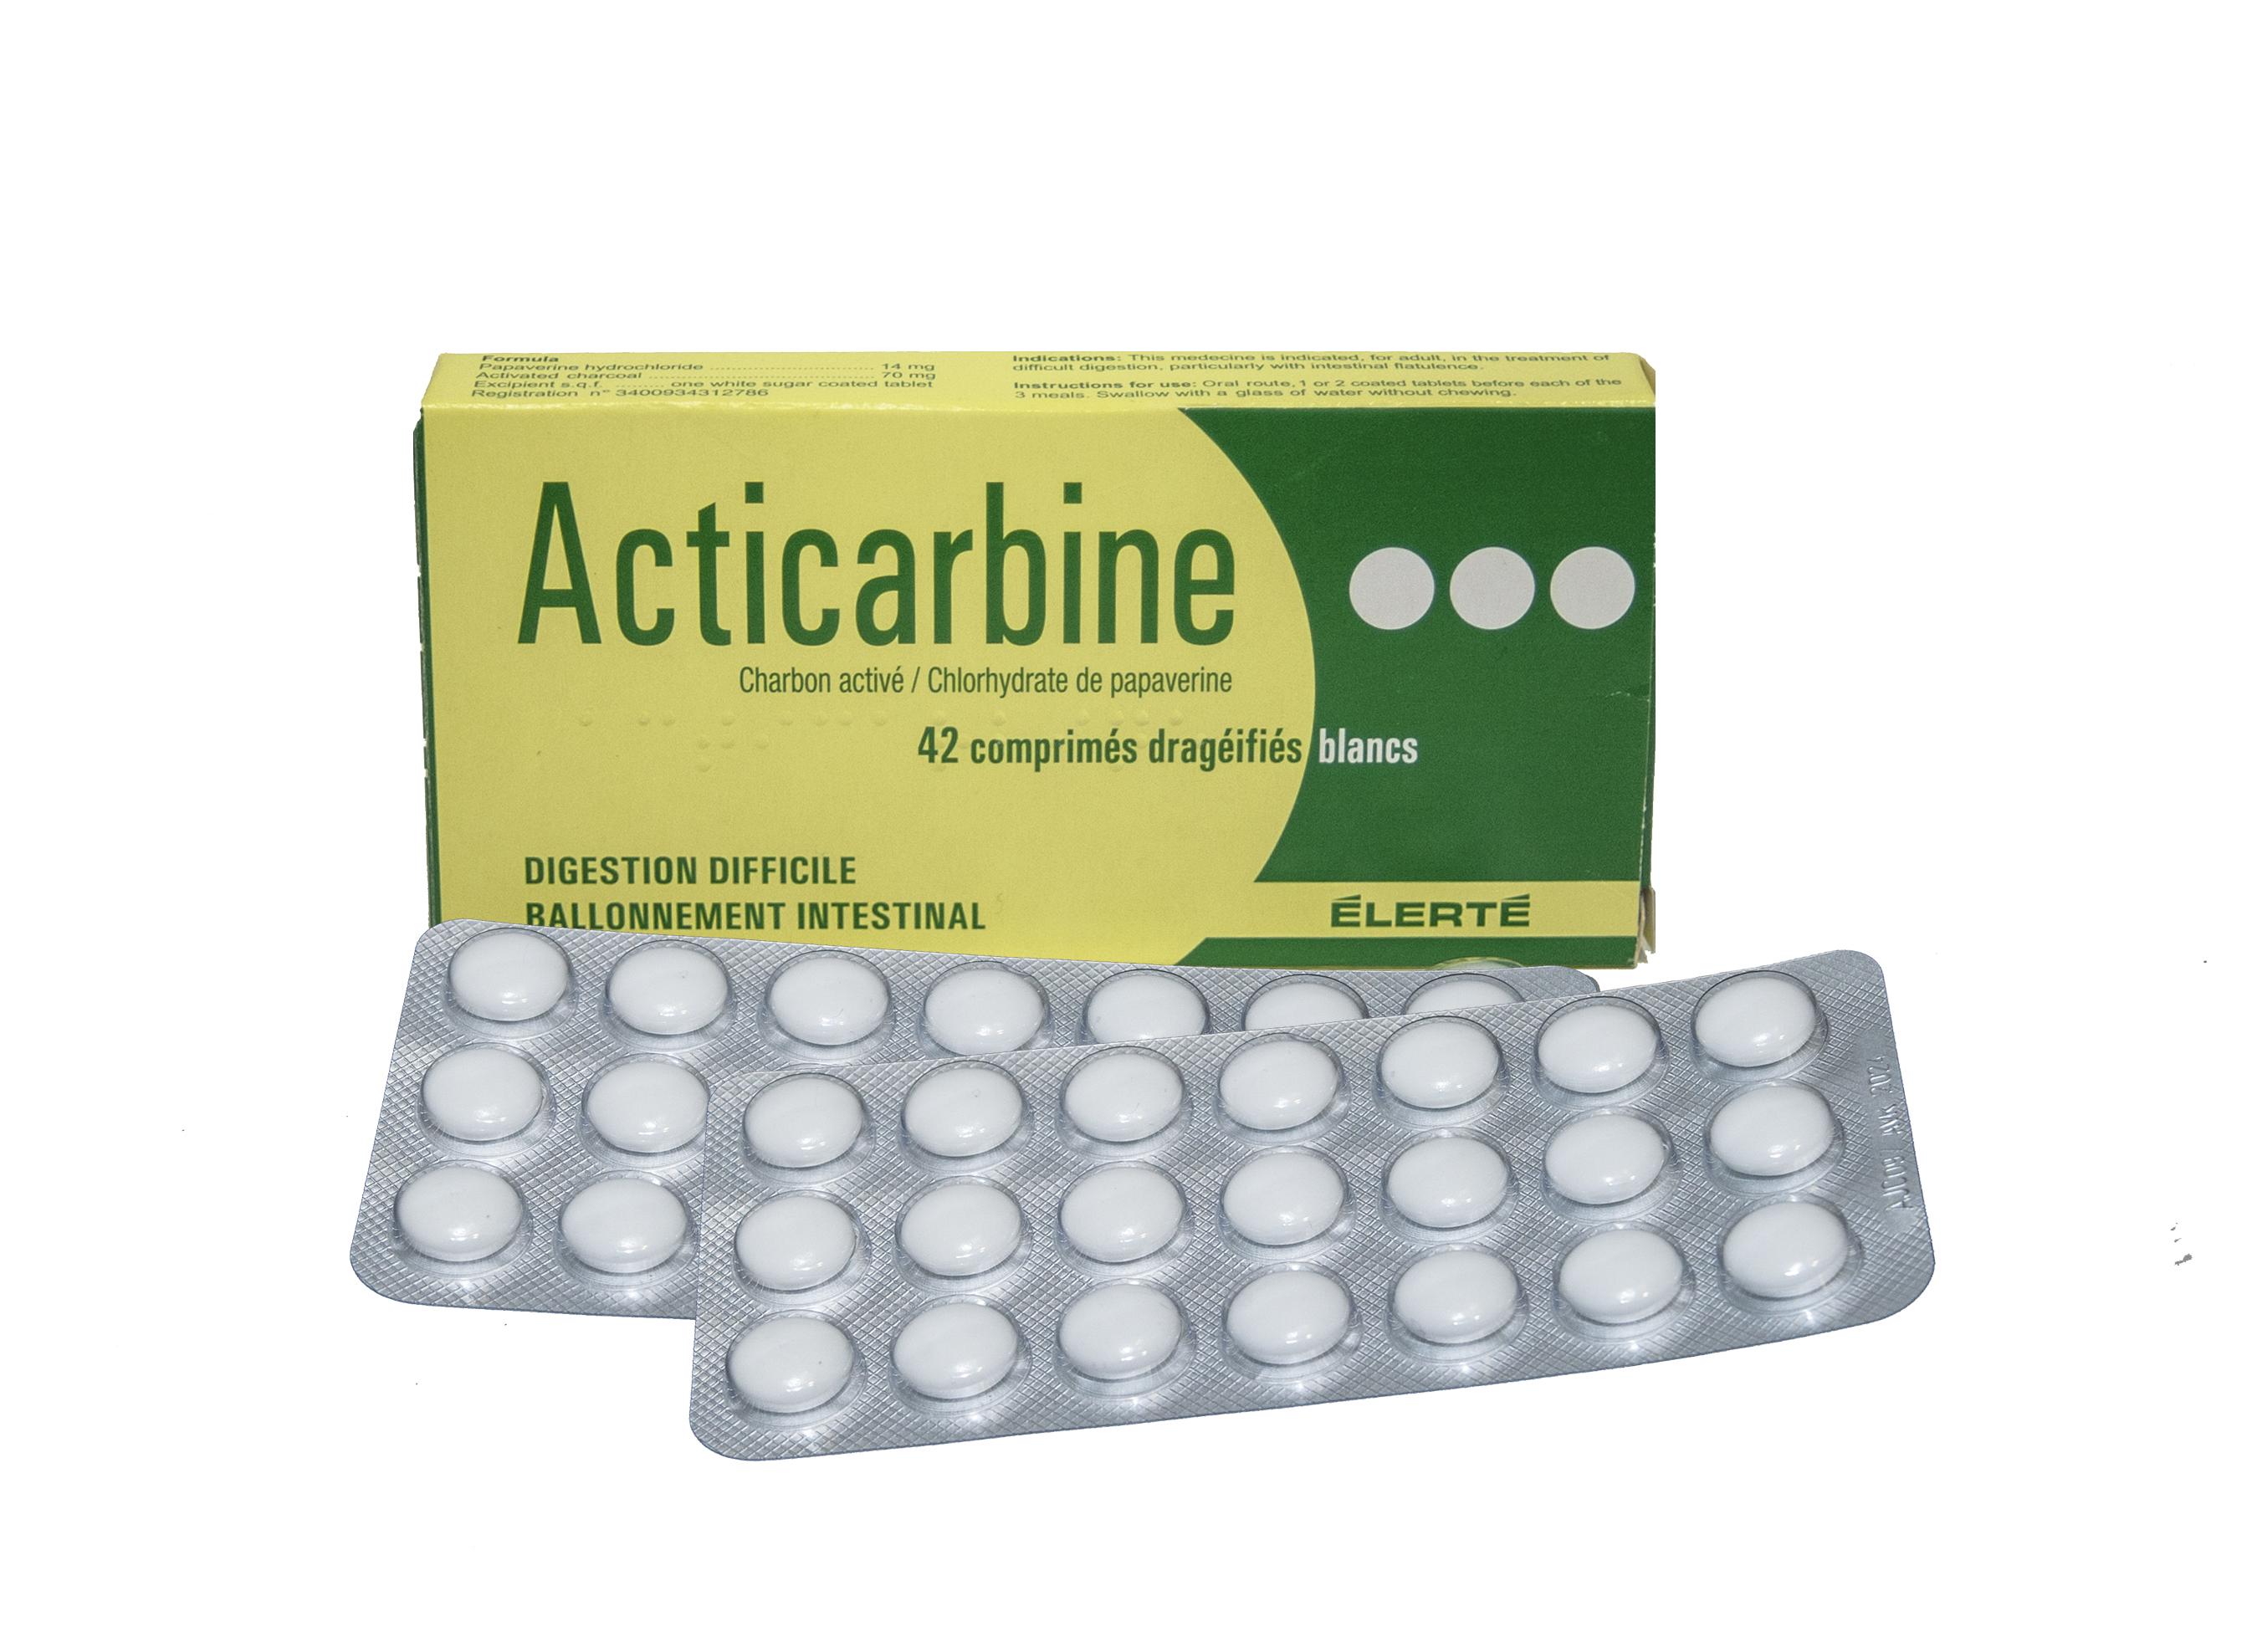 აქტიკარბინი / Acticarbine